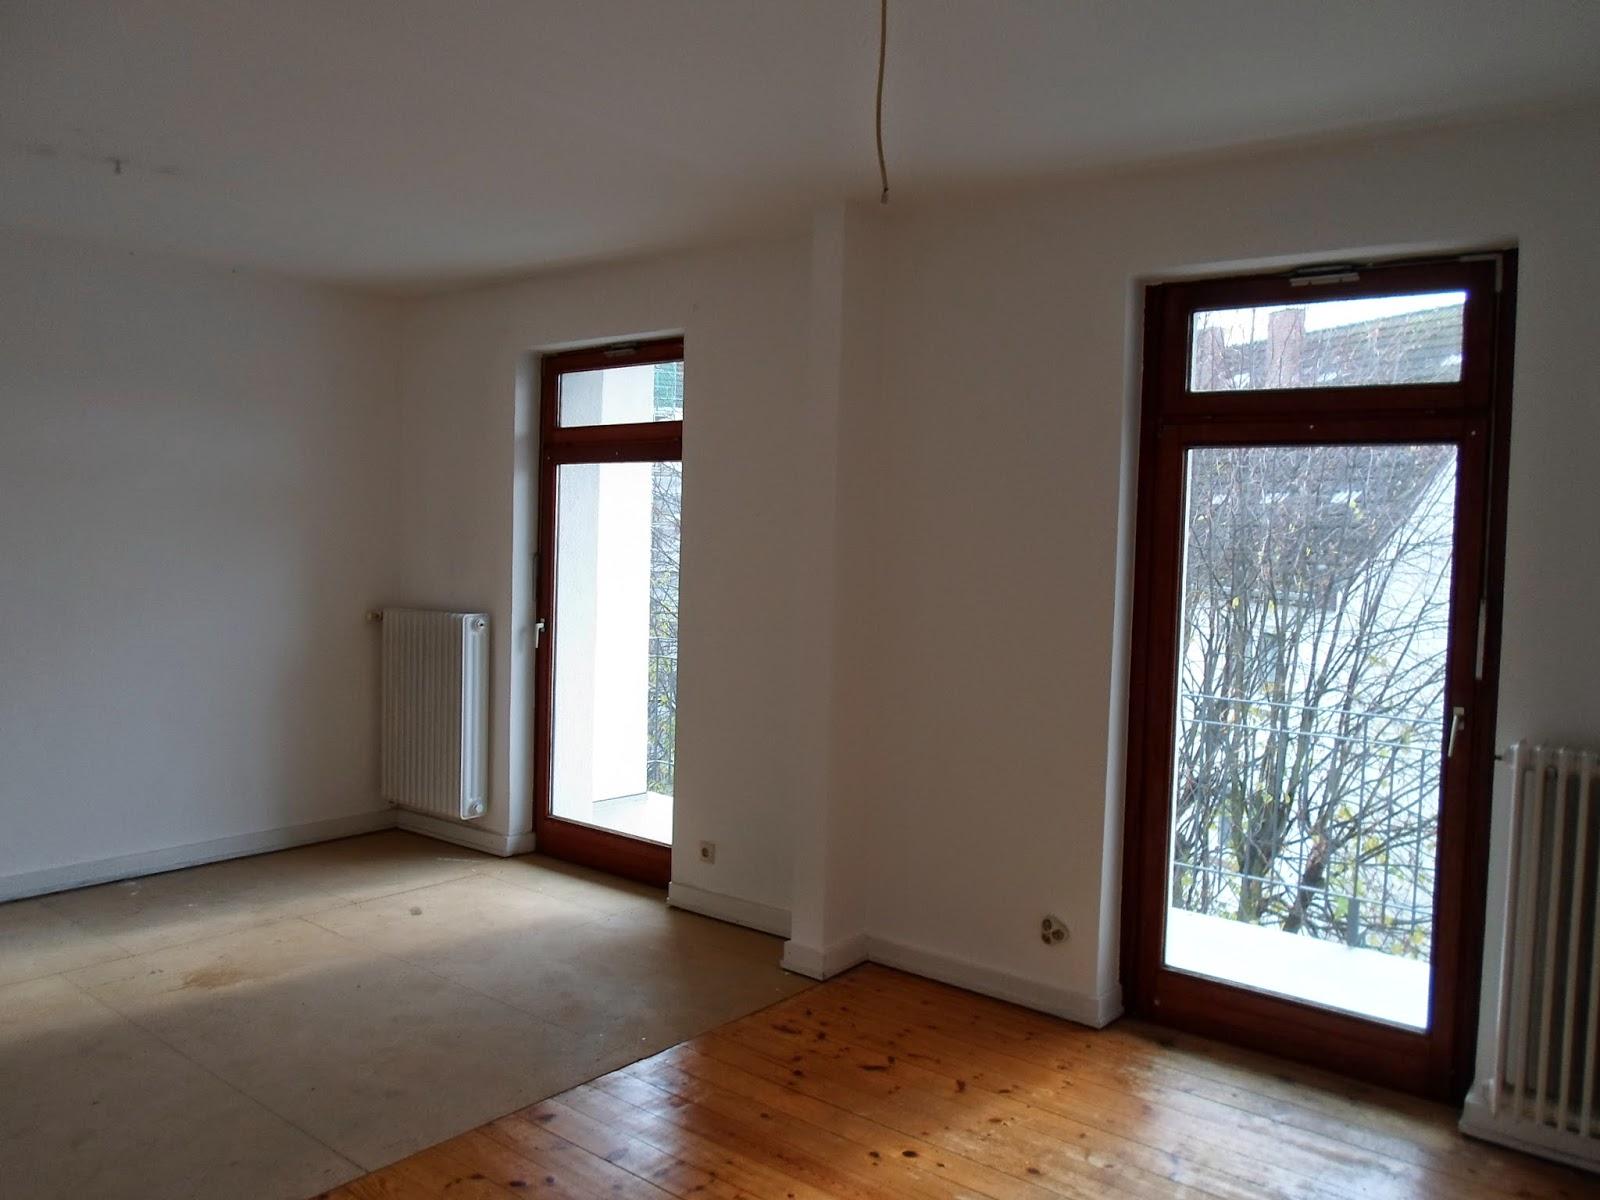 Modernisierung Fußboden ~ Startseite innenausbau modernisierung krebs